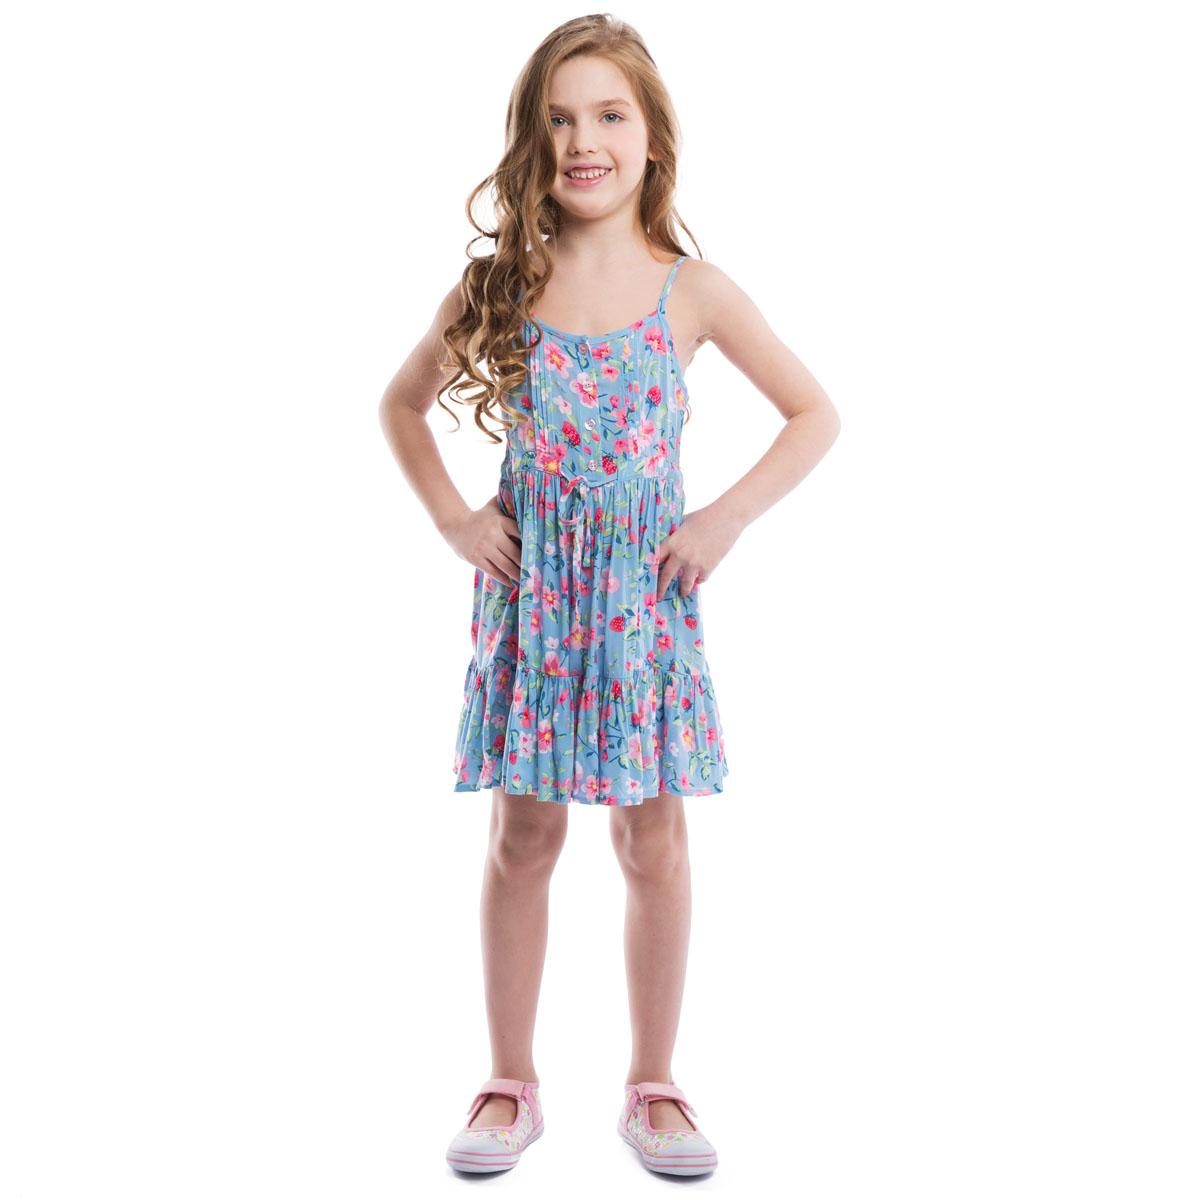 Сарафан для девочки PlayToday, цвет: голубой, розовый. 262004. Размер 98, 3 года262004Воздушный сарафан для девочки PlayToday идеально подойдет вашей маленькой моднице. Изготовленный из вискозы, он мягкий и приятный на ощупь, не сковывает движения и позволяет коже дышать, не раздражает даже самую нежную и чувствительную кожу ребенка, обеспечивая наибольший комфорт. Сарафан трапециевидного кроя на тонких регулируемых бретелях оформлен нежным цветочным принтом. Модель спереди застегивается на пуговицы до линии талии. На груди имеются изящные пришитые складки. На спинке модель присборена на тонкие эластичные резинки. Спереди сарафан дополнен скрытыми завязками. Пышная юбка с пришитой к подолу широкой оборкой придает изделию воздушность.Оригинальный дизайн и модная расцветка делают этот сарафан незаменимым предметом детского гардероба. В нем ваша маленькая леди всегда будет в центре внимания!